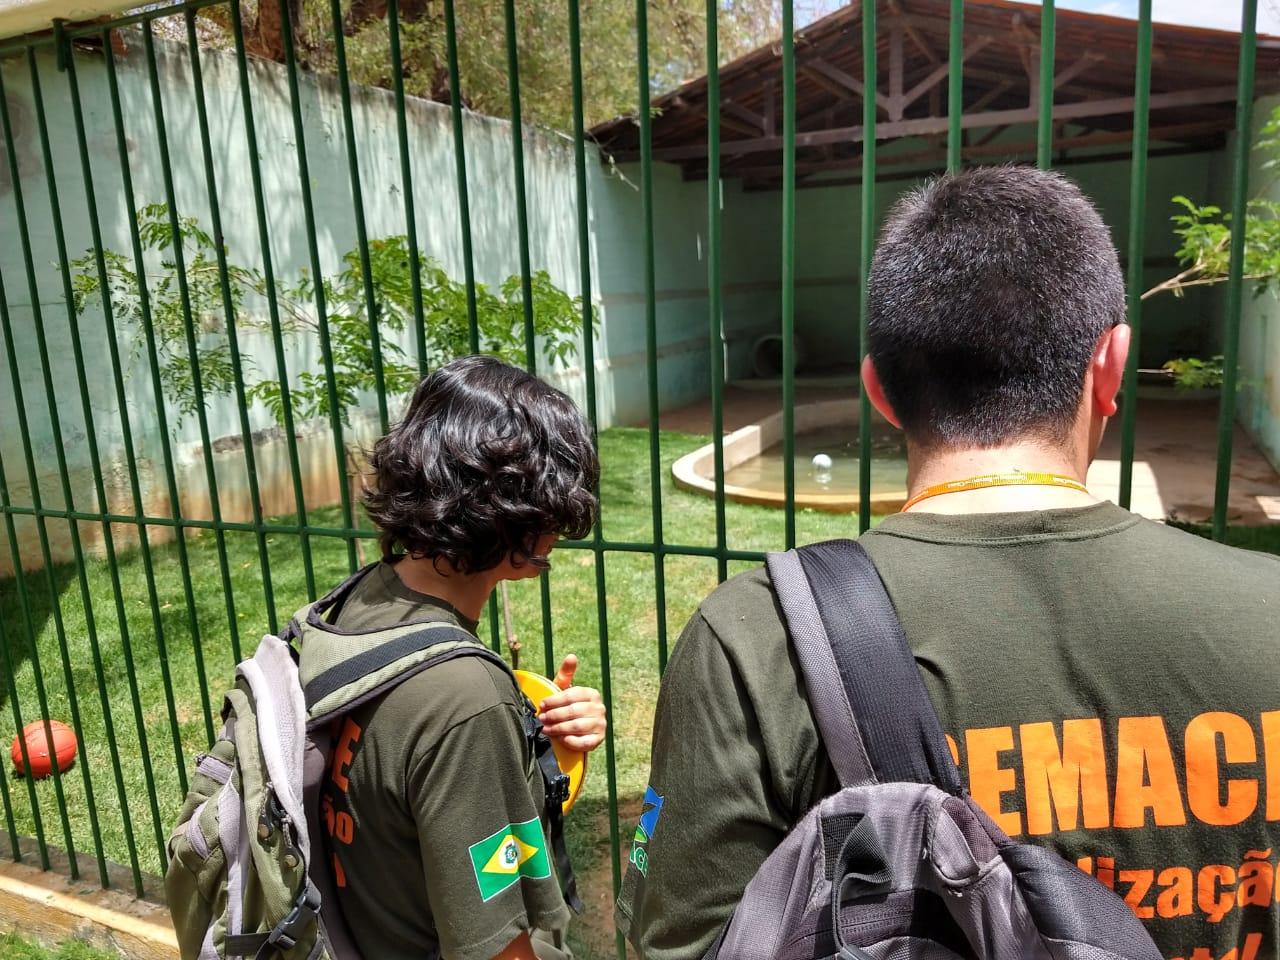 Fiscais da Semace observam jaula de ursos